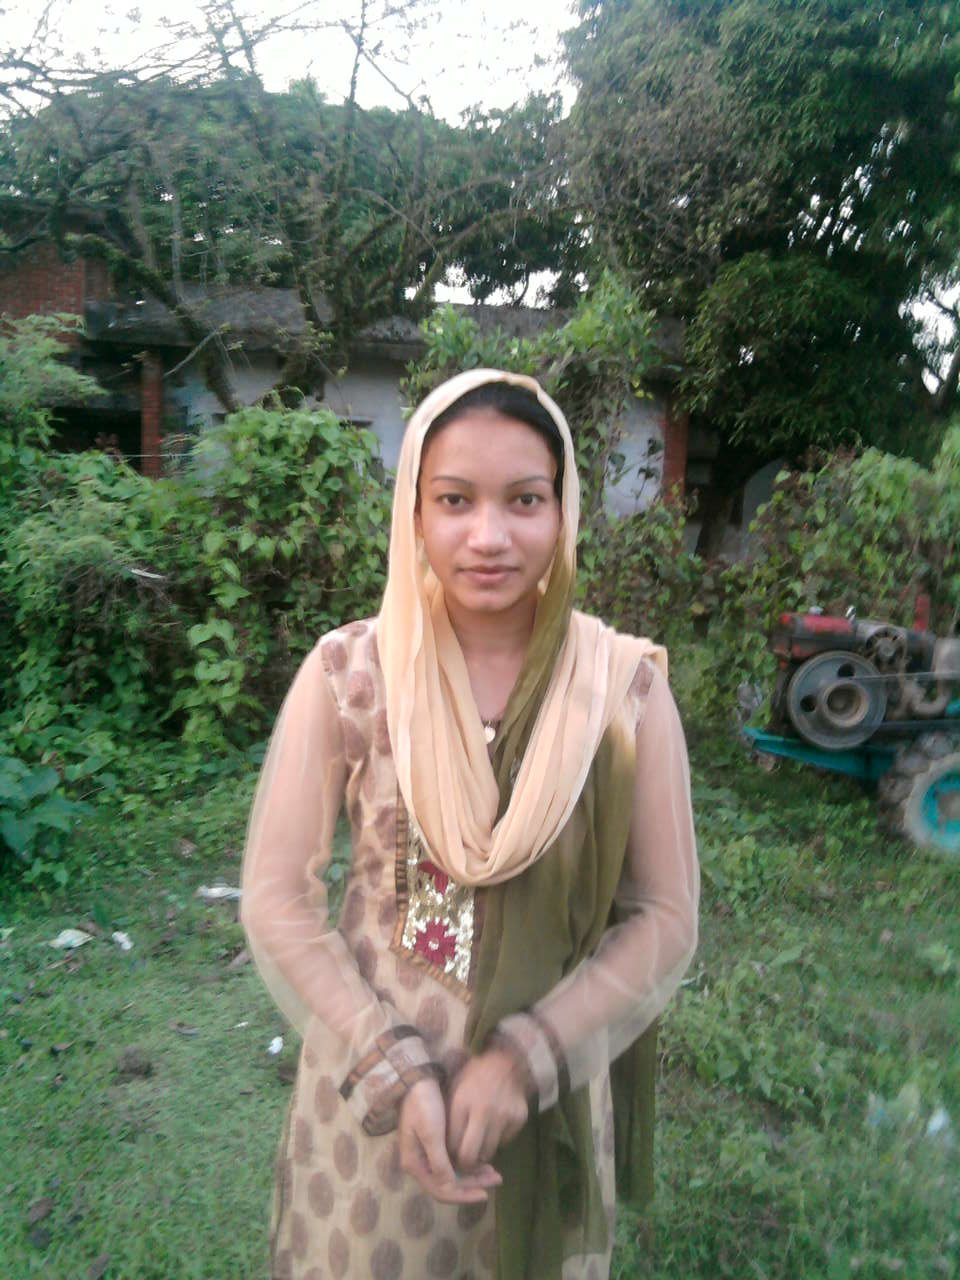 Nice bangladeshi girl with american muscle guy 7